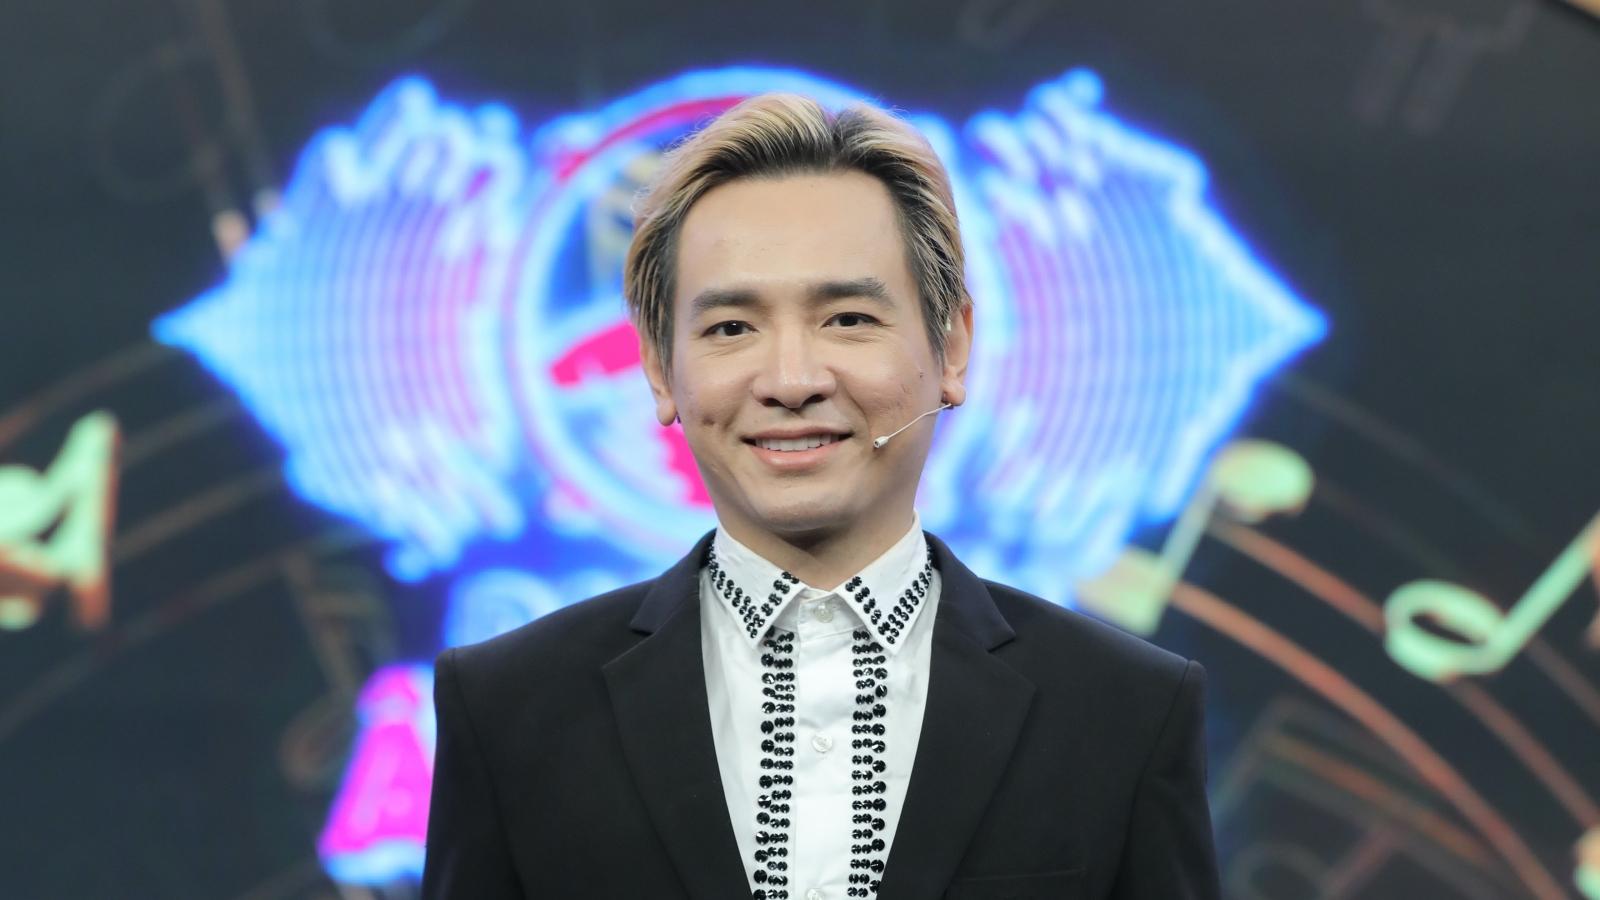 """Hình ảnh cuối cùng của ca sĩ Việt Quang trên chương trình """"Đại chiến âm nhạc"""""""